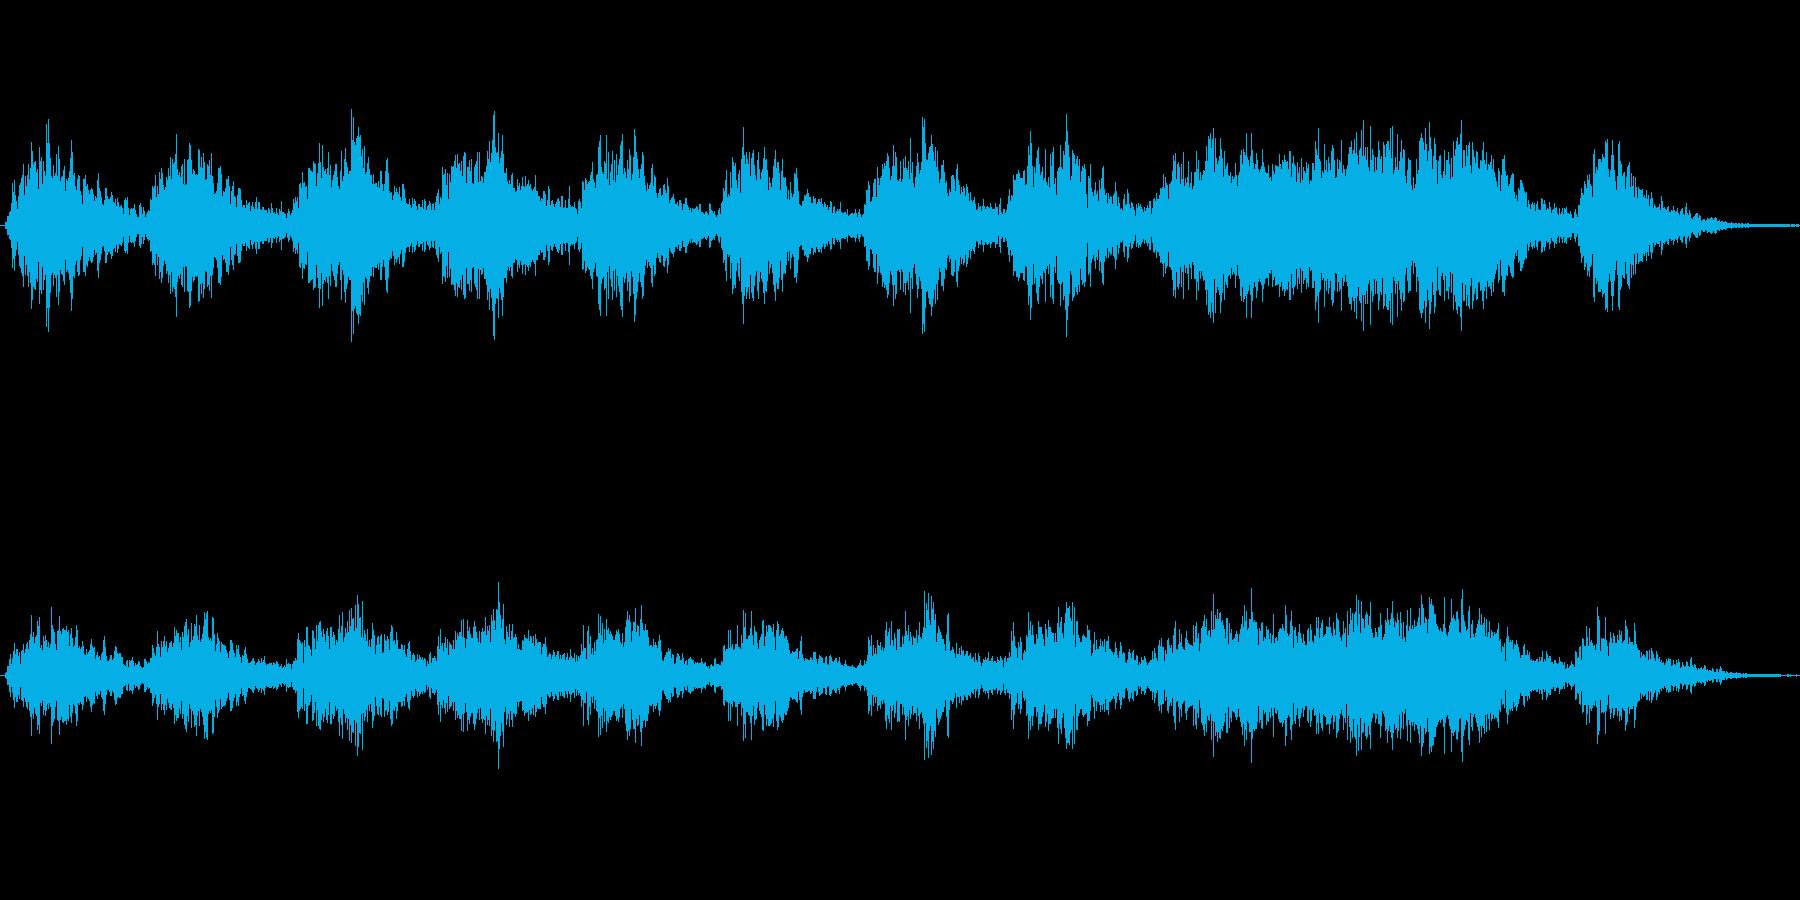 エコーが心地よい不思議なジングルの再生済みの波形